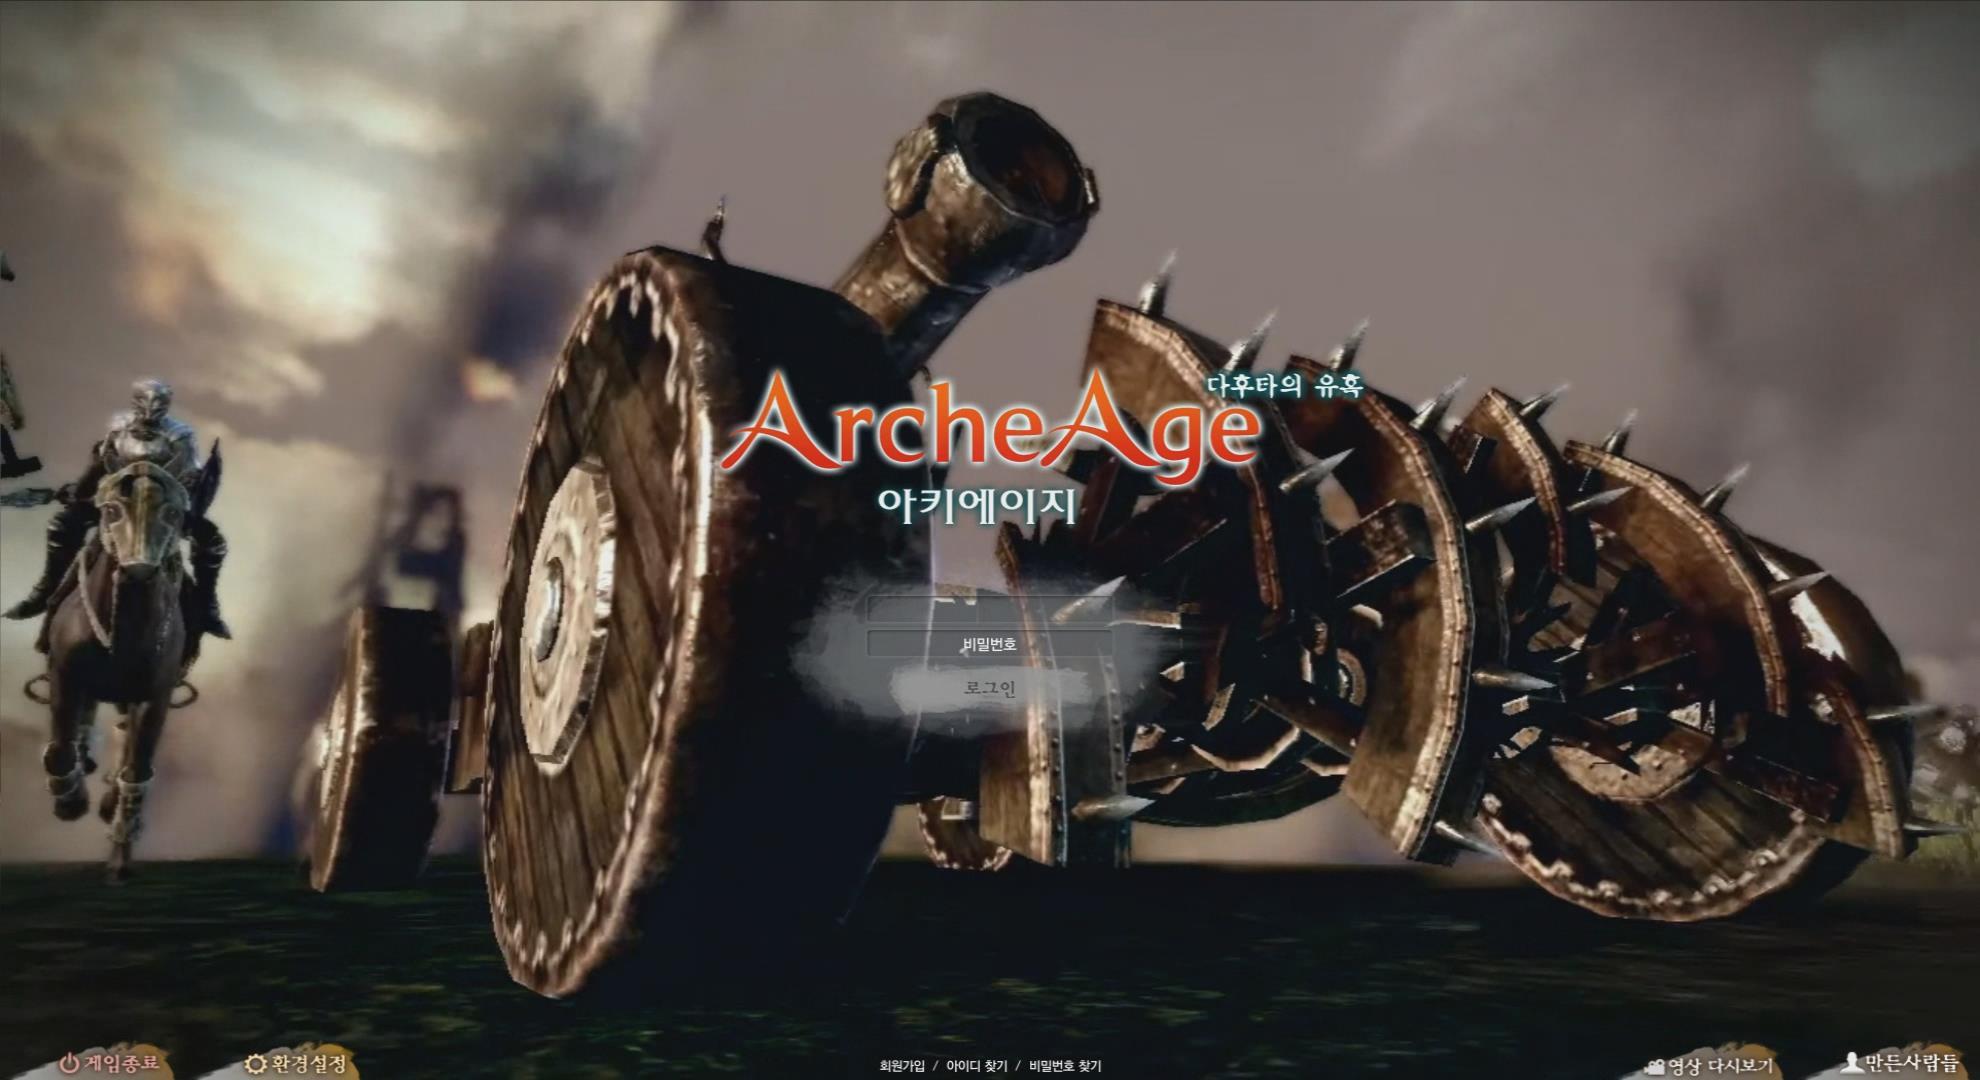 ArcheAge 2013-07-25 23-32-3202